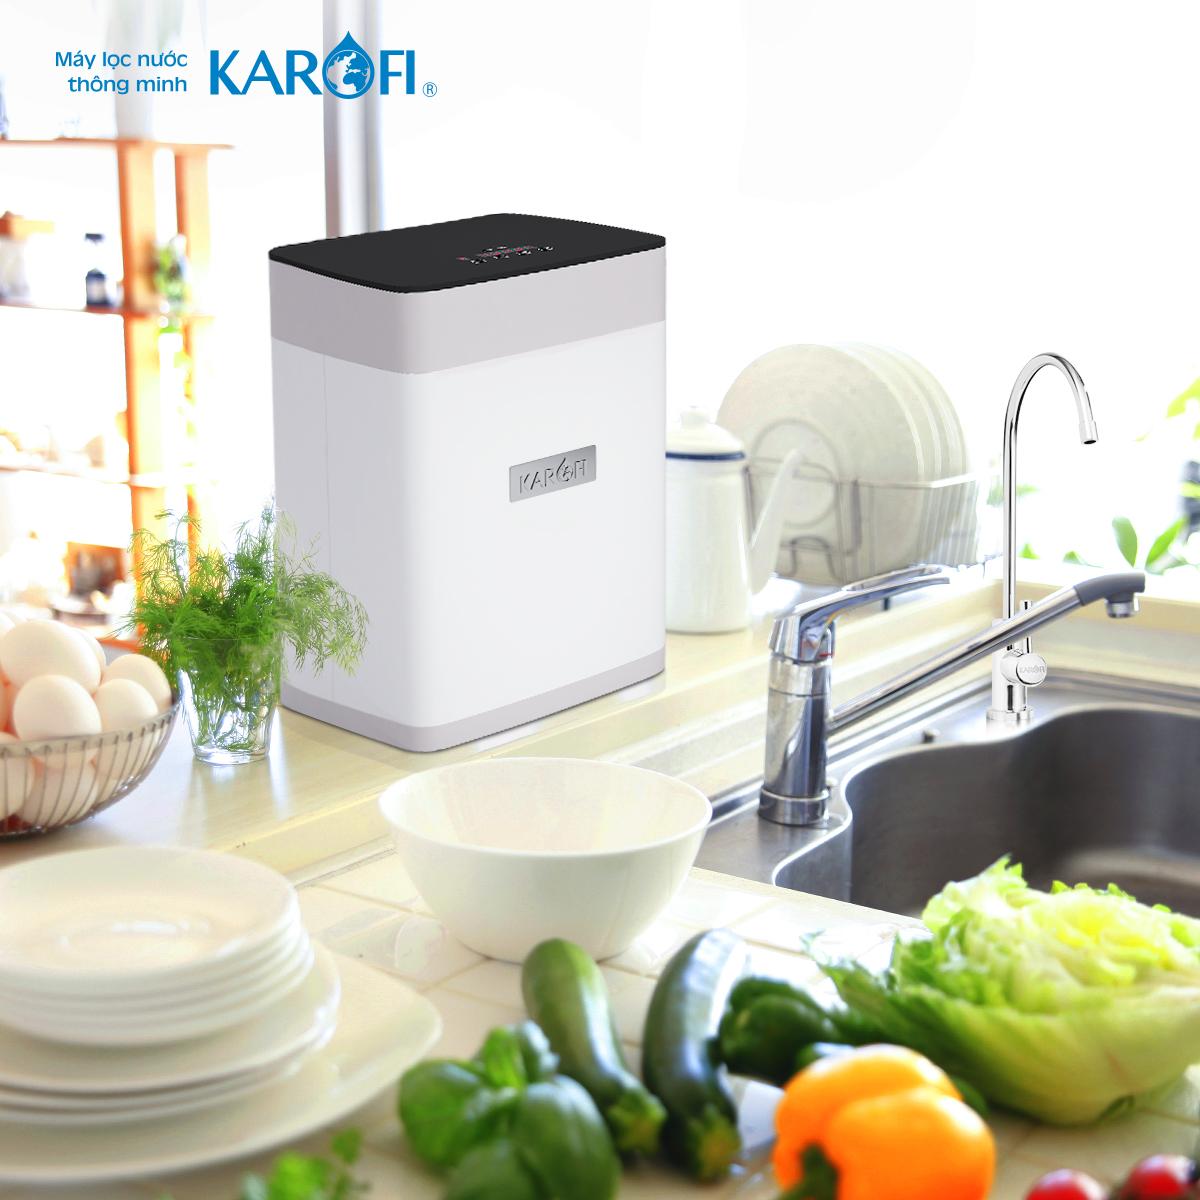 máy lọc nước mi ni nhỏ gọn cho chung cư